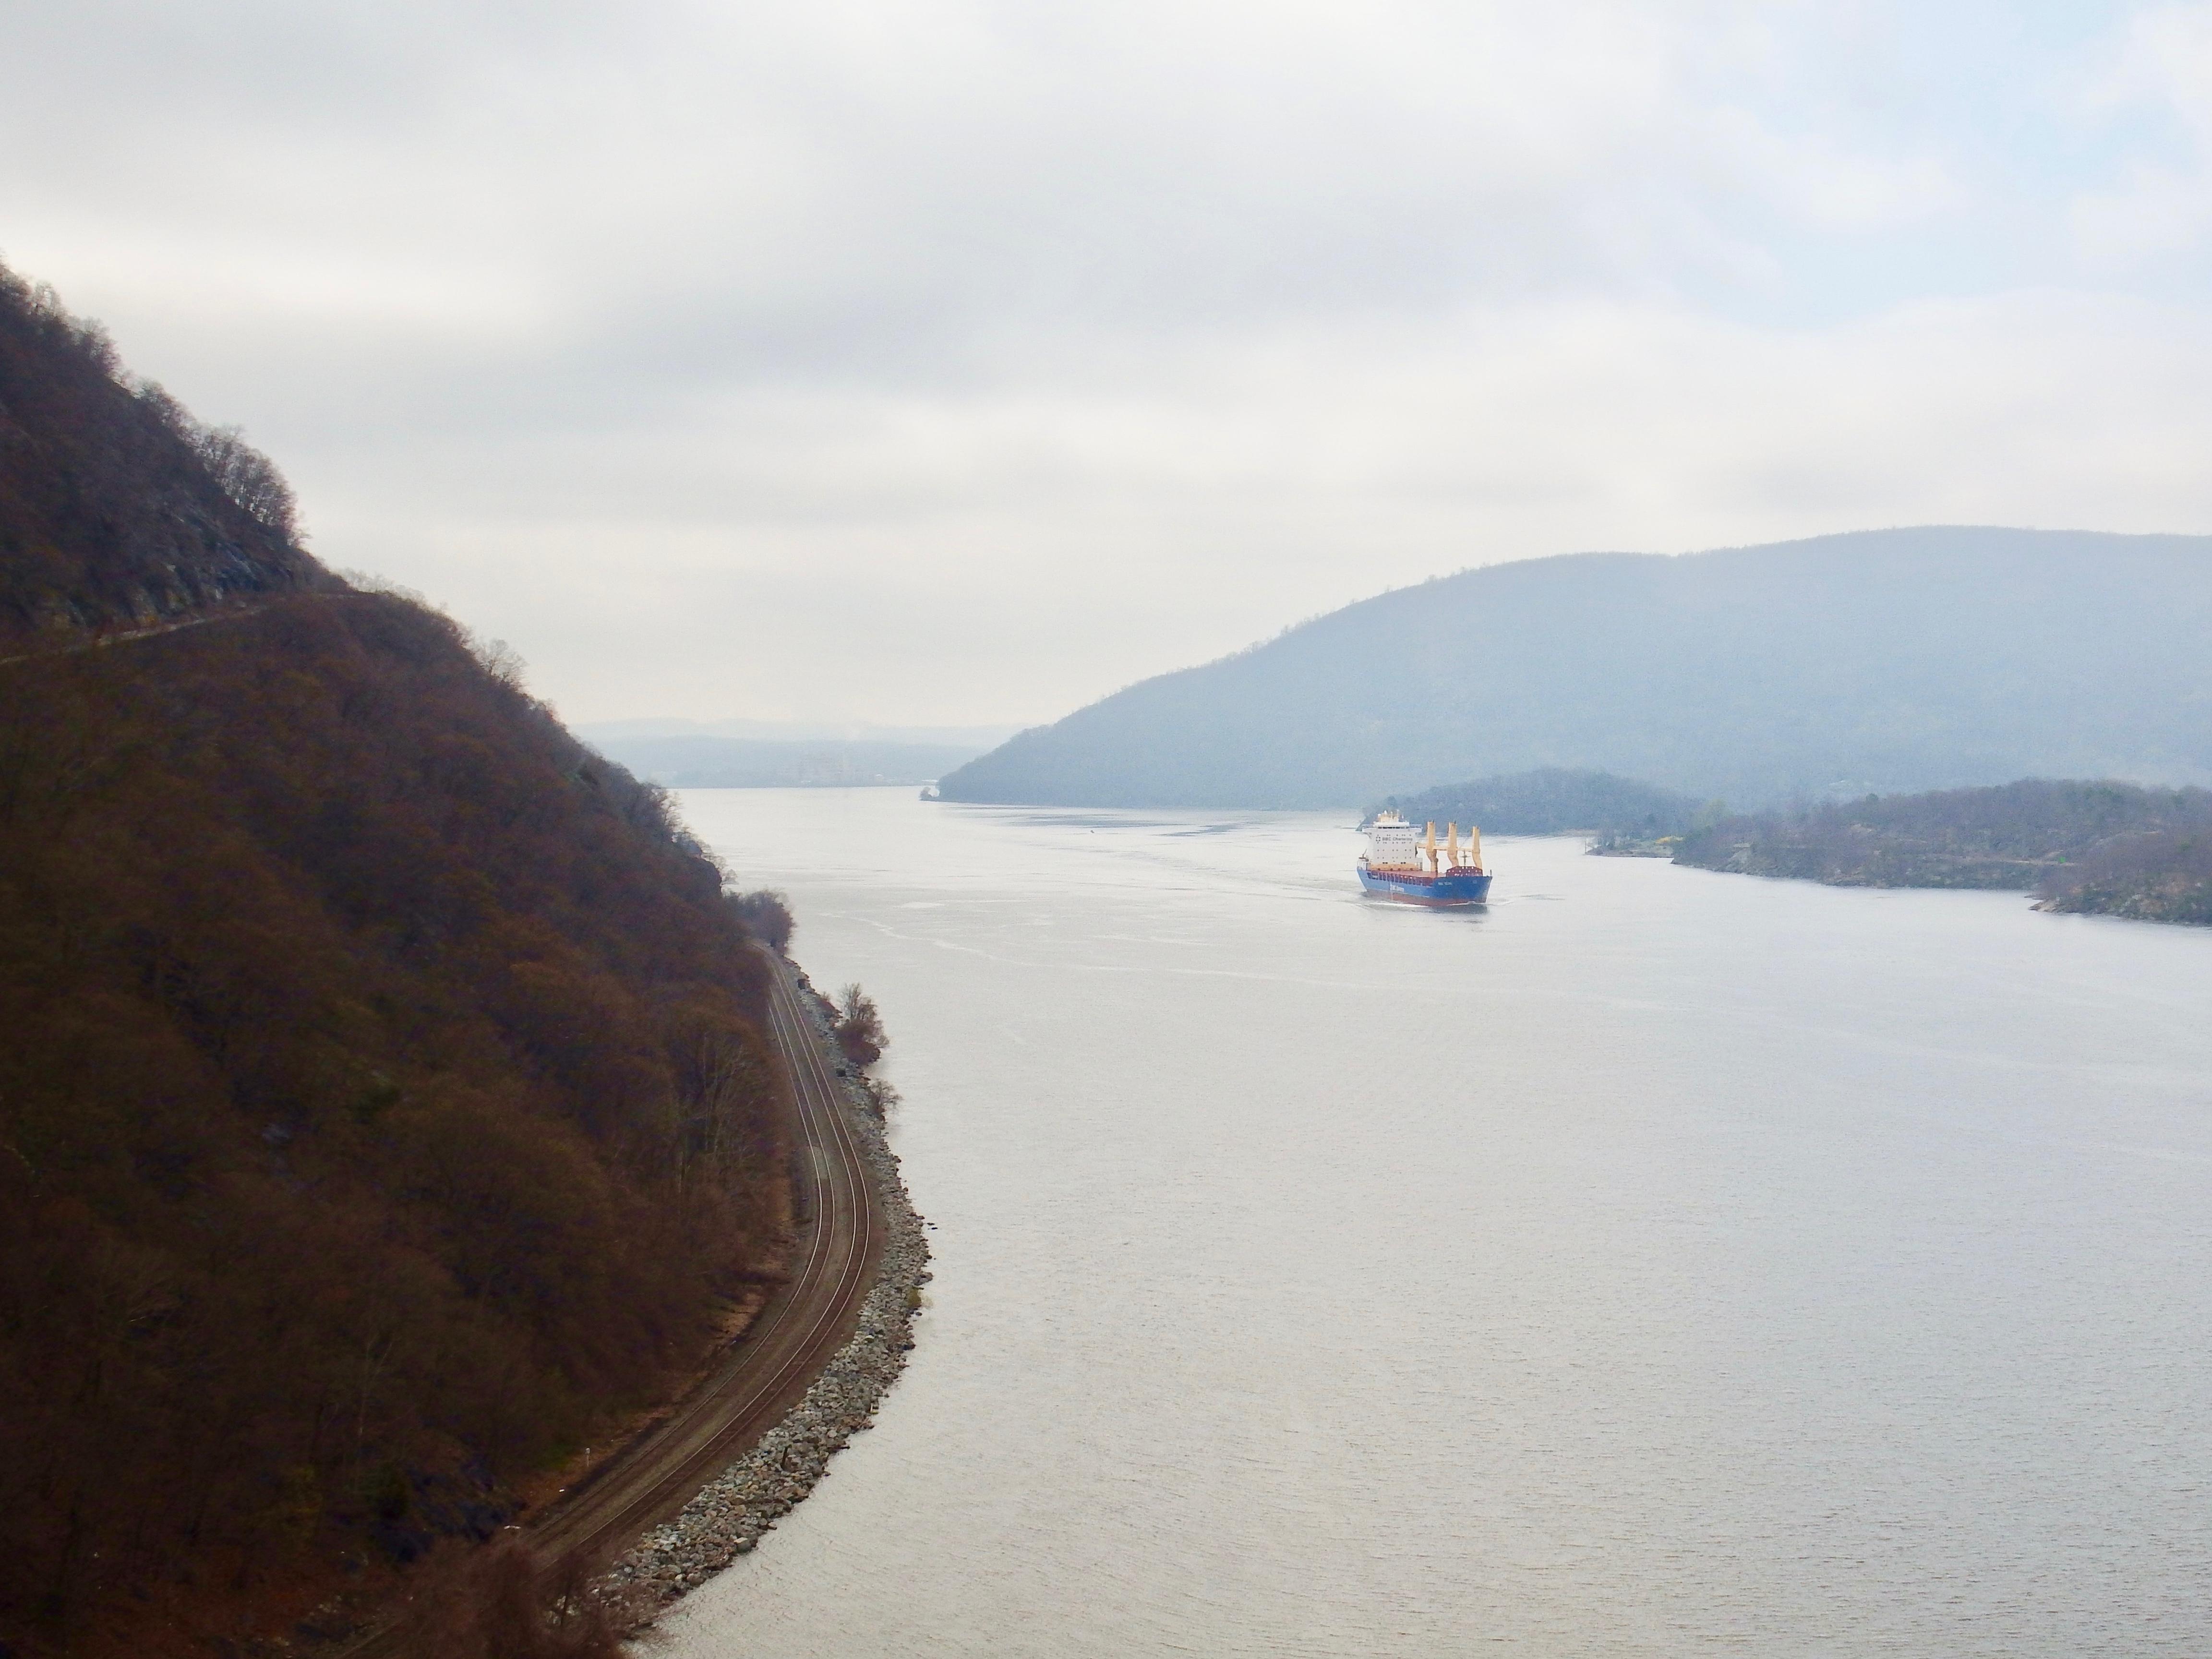 Iona Island Hudson River Ny